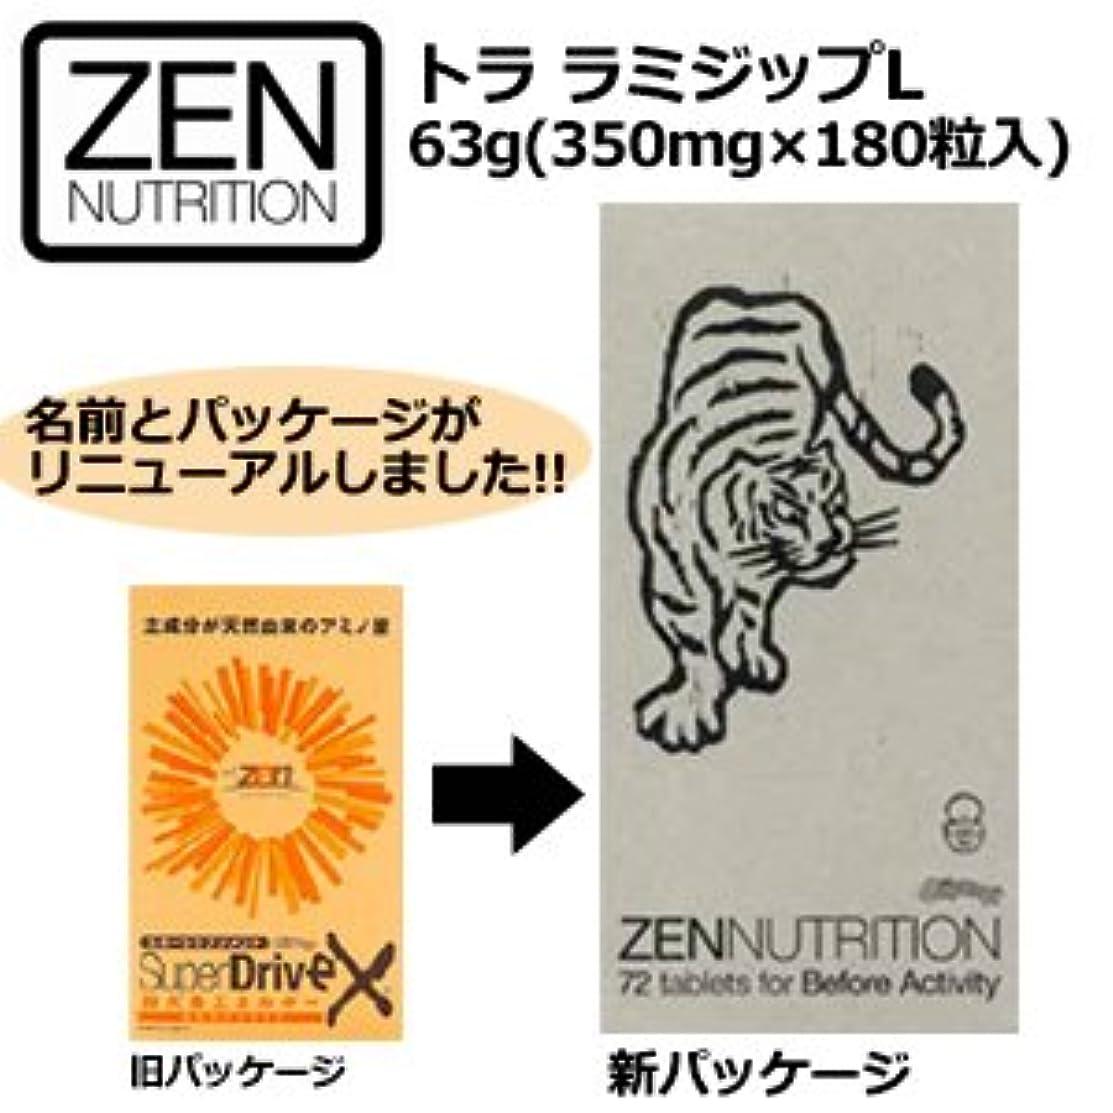 特権コンサート国歌ZEN ゼン SUPER DRIVE スーパードライブEX 虎 とら サプリメント アミノ酸●トラ ラミジップL 63g